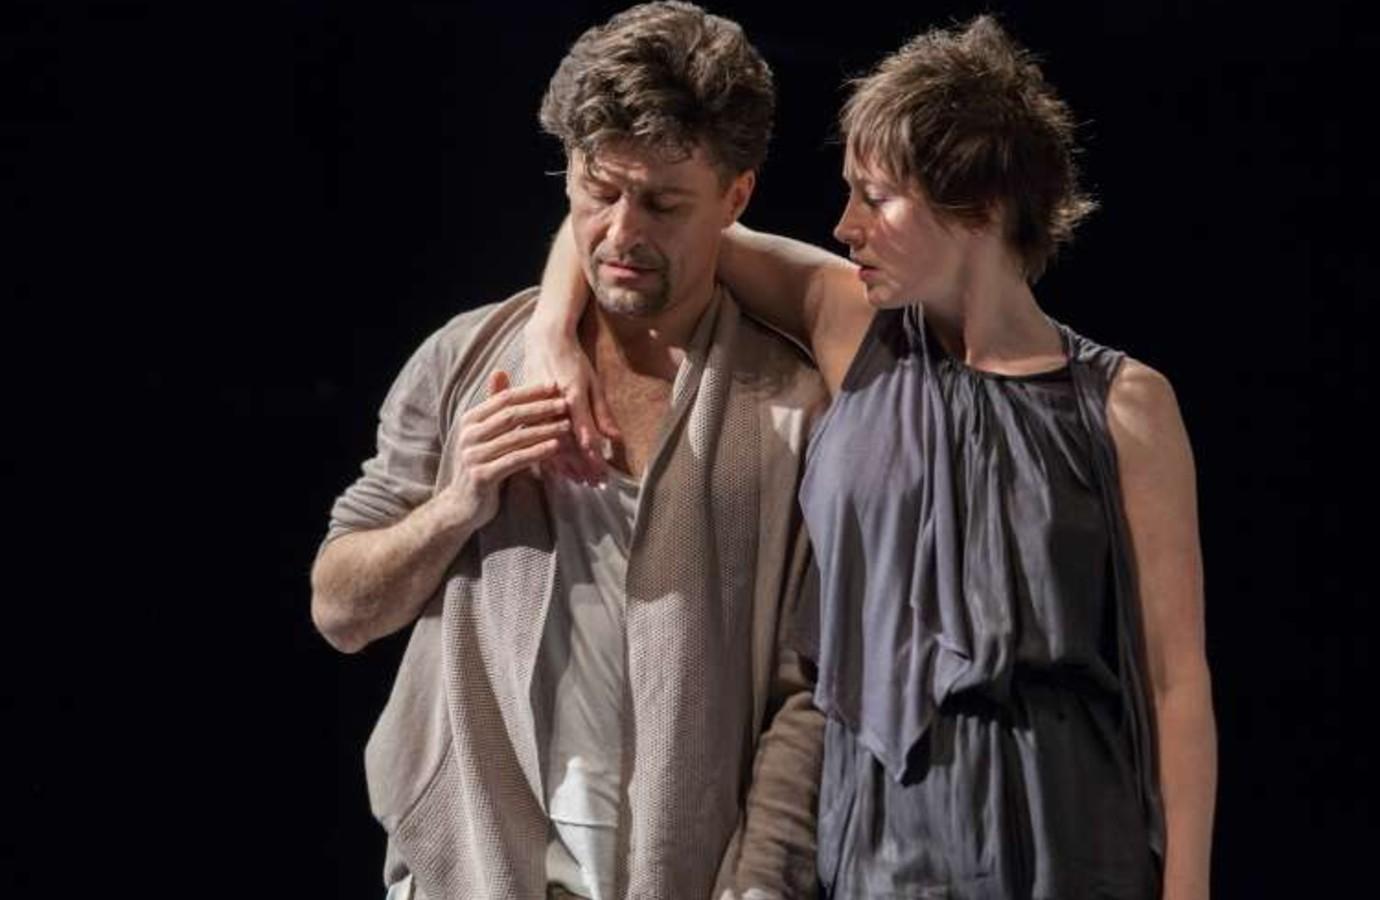 Teatr Dada von Bzdülöw - Duete Inexistente